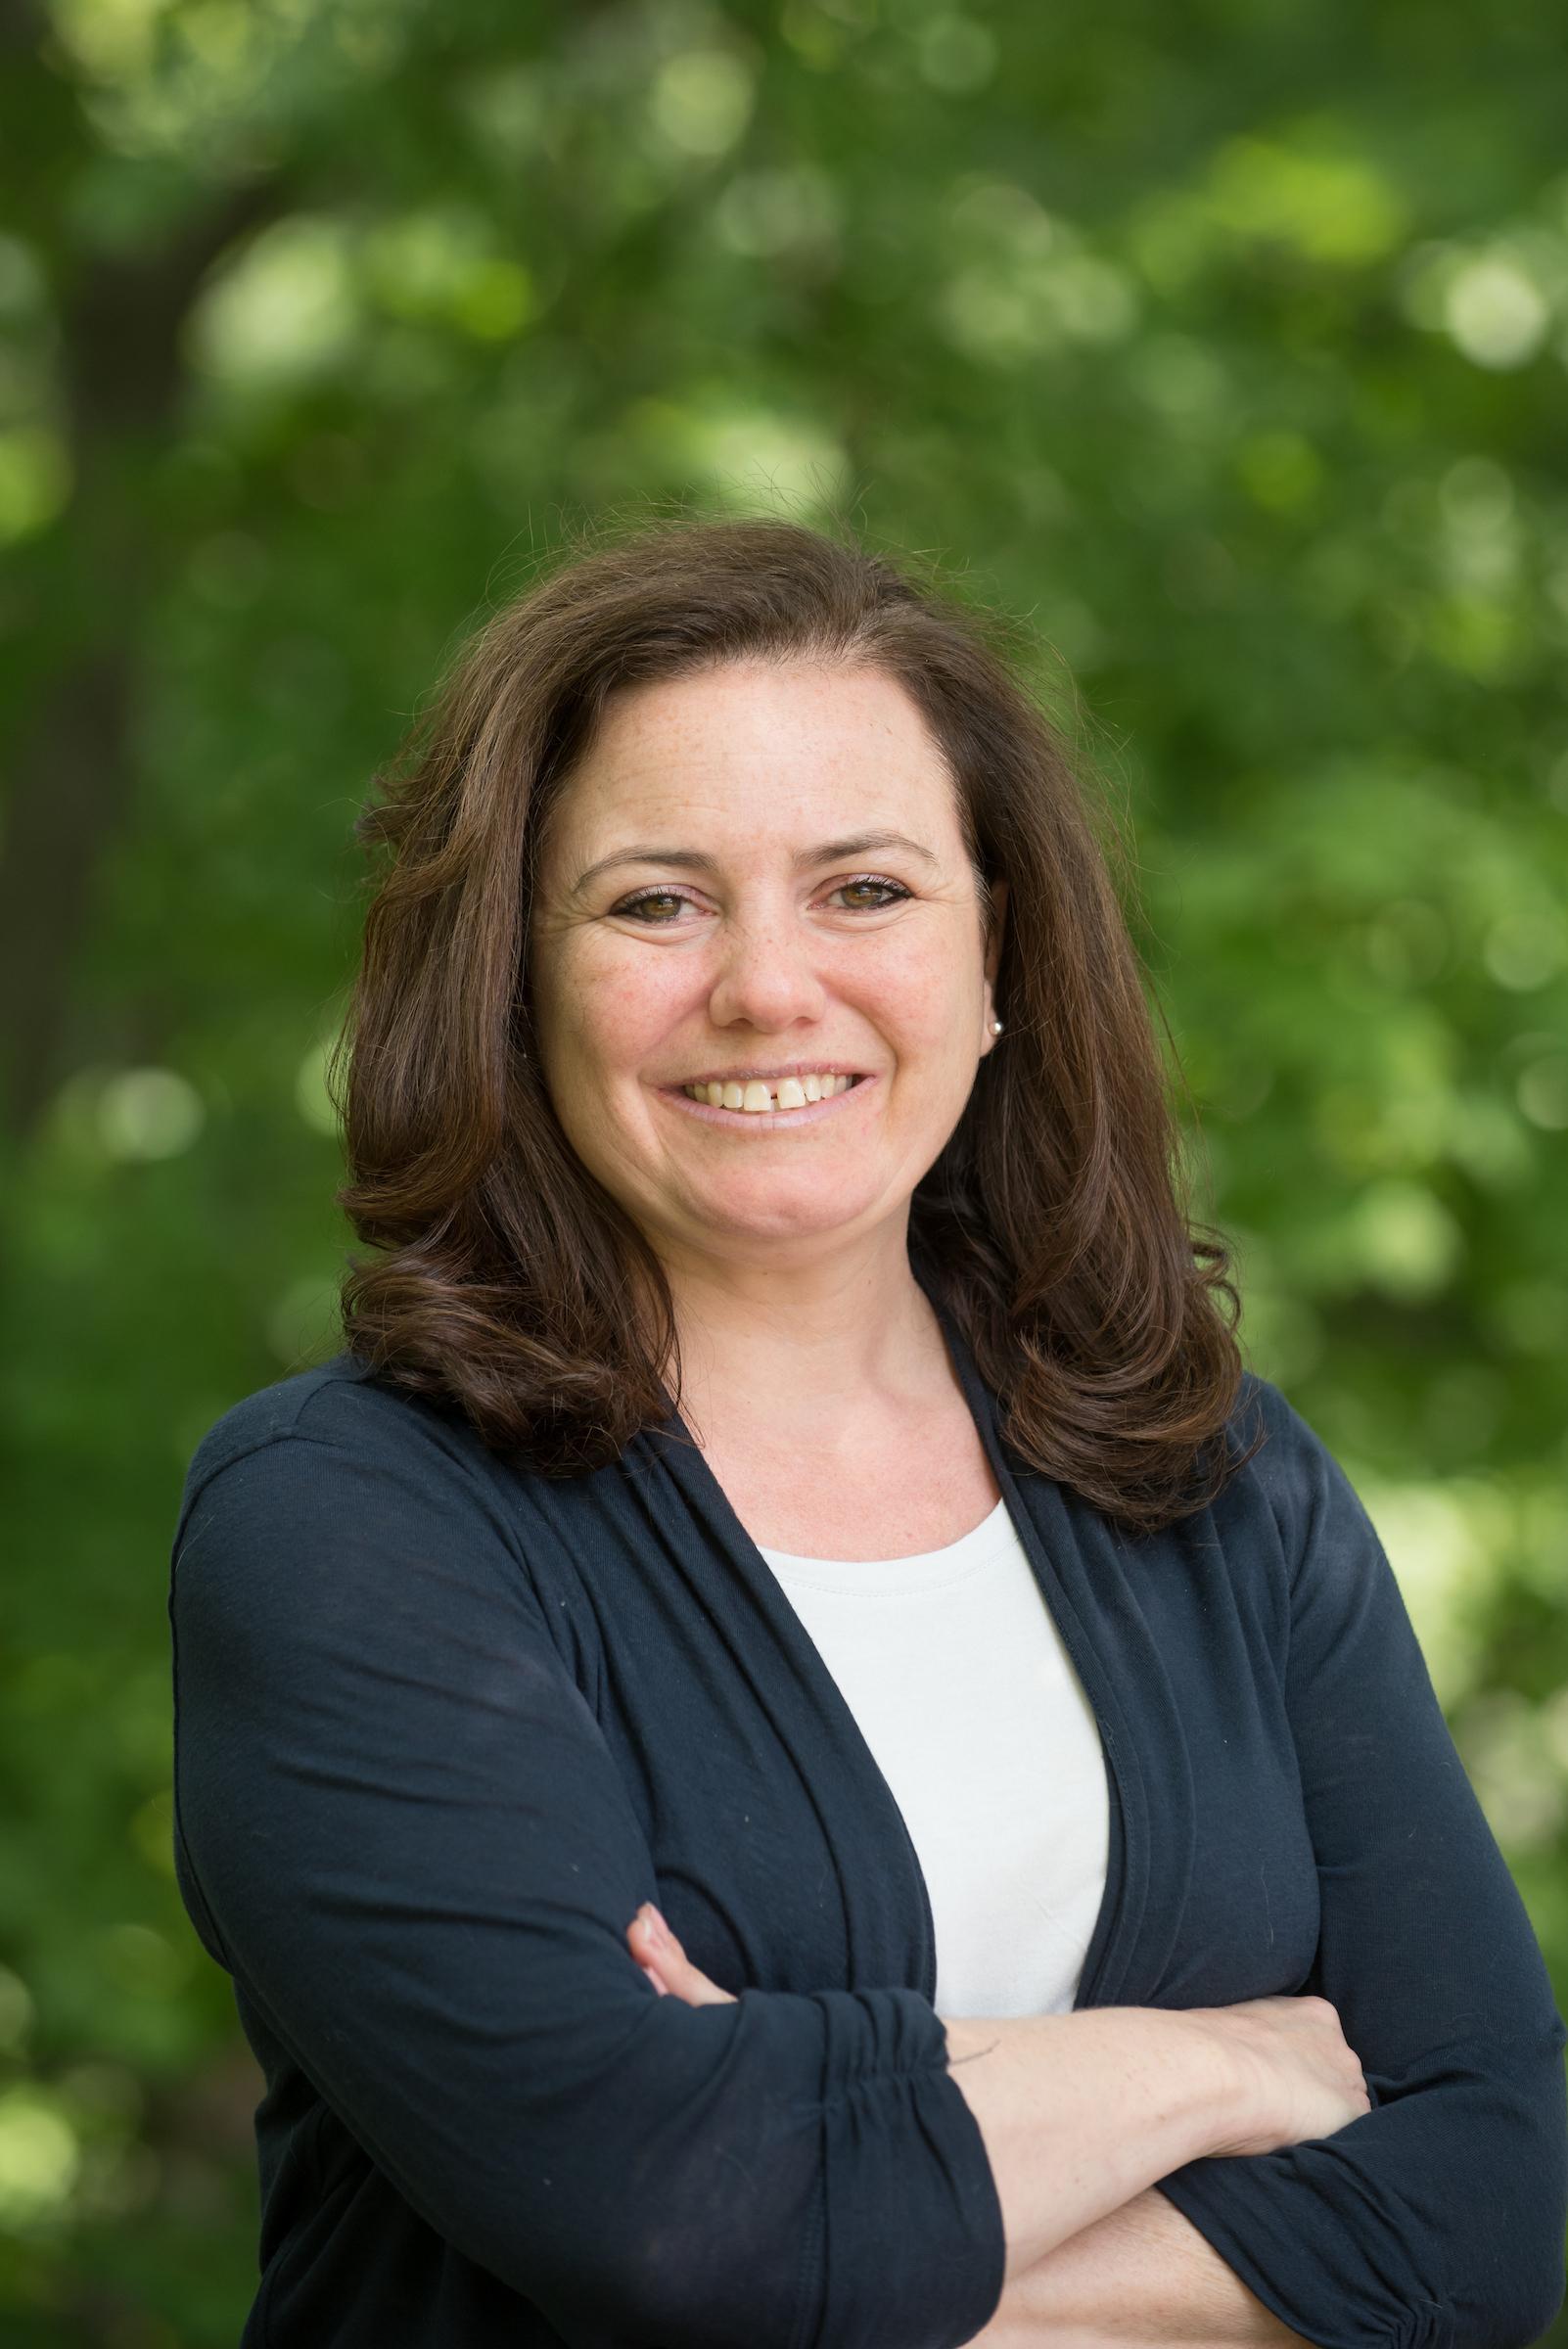 Wendy Adlerstein